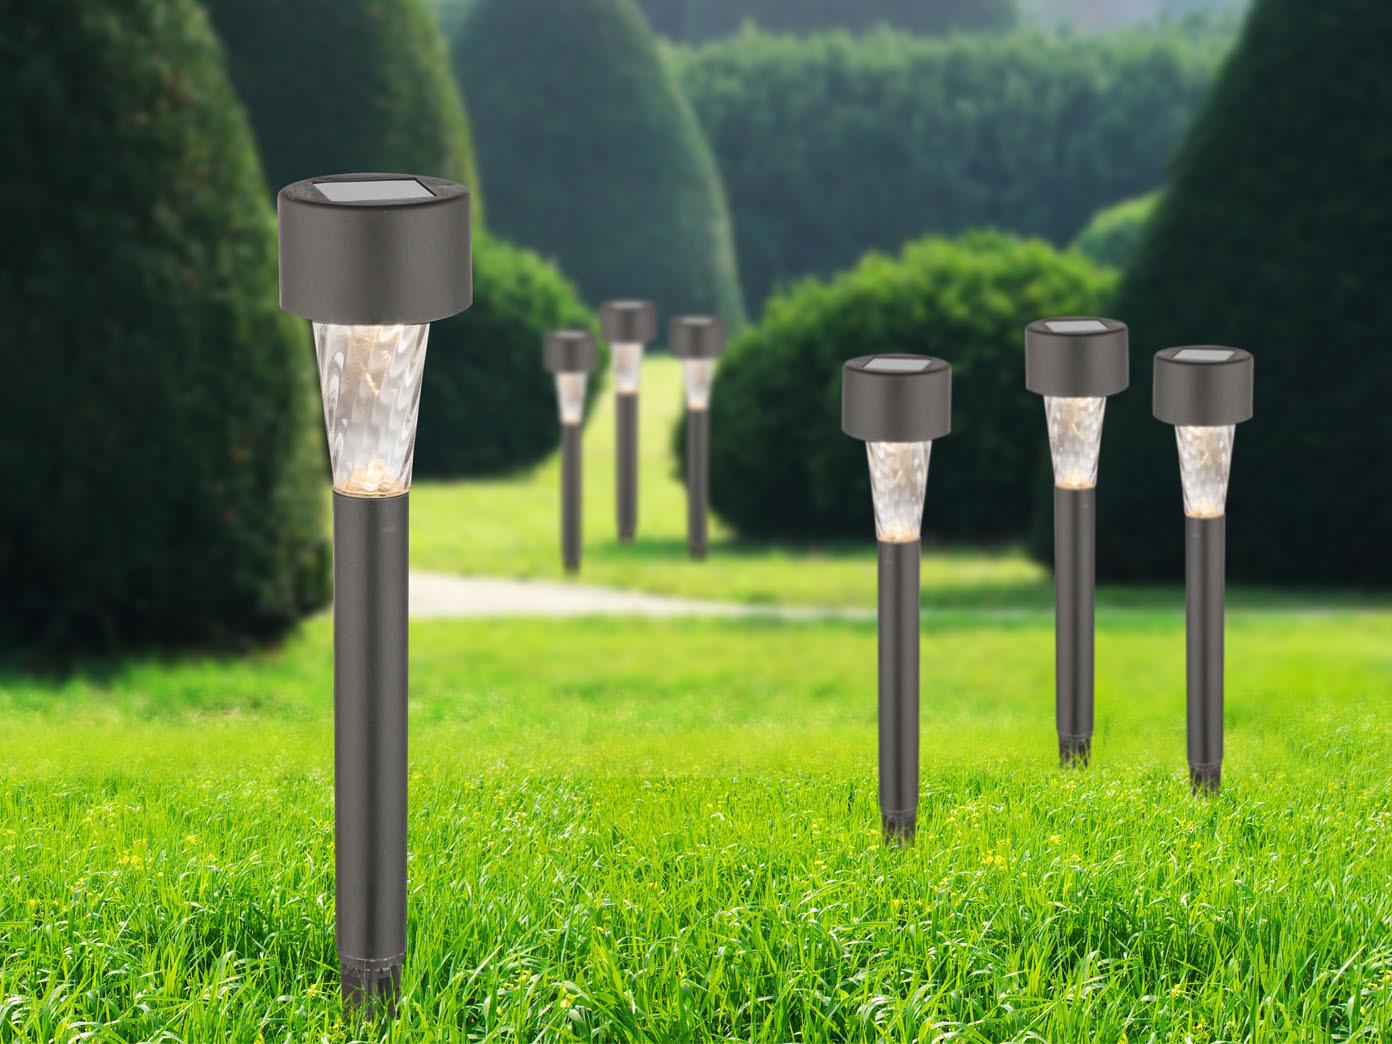 6x Solar Erdspießleuchten Led Edelstahl Anhtrazit Außenlampe Garten